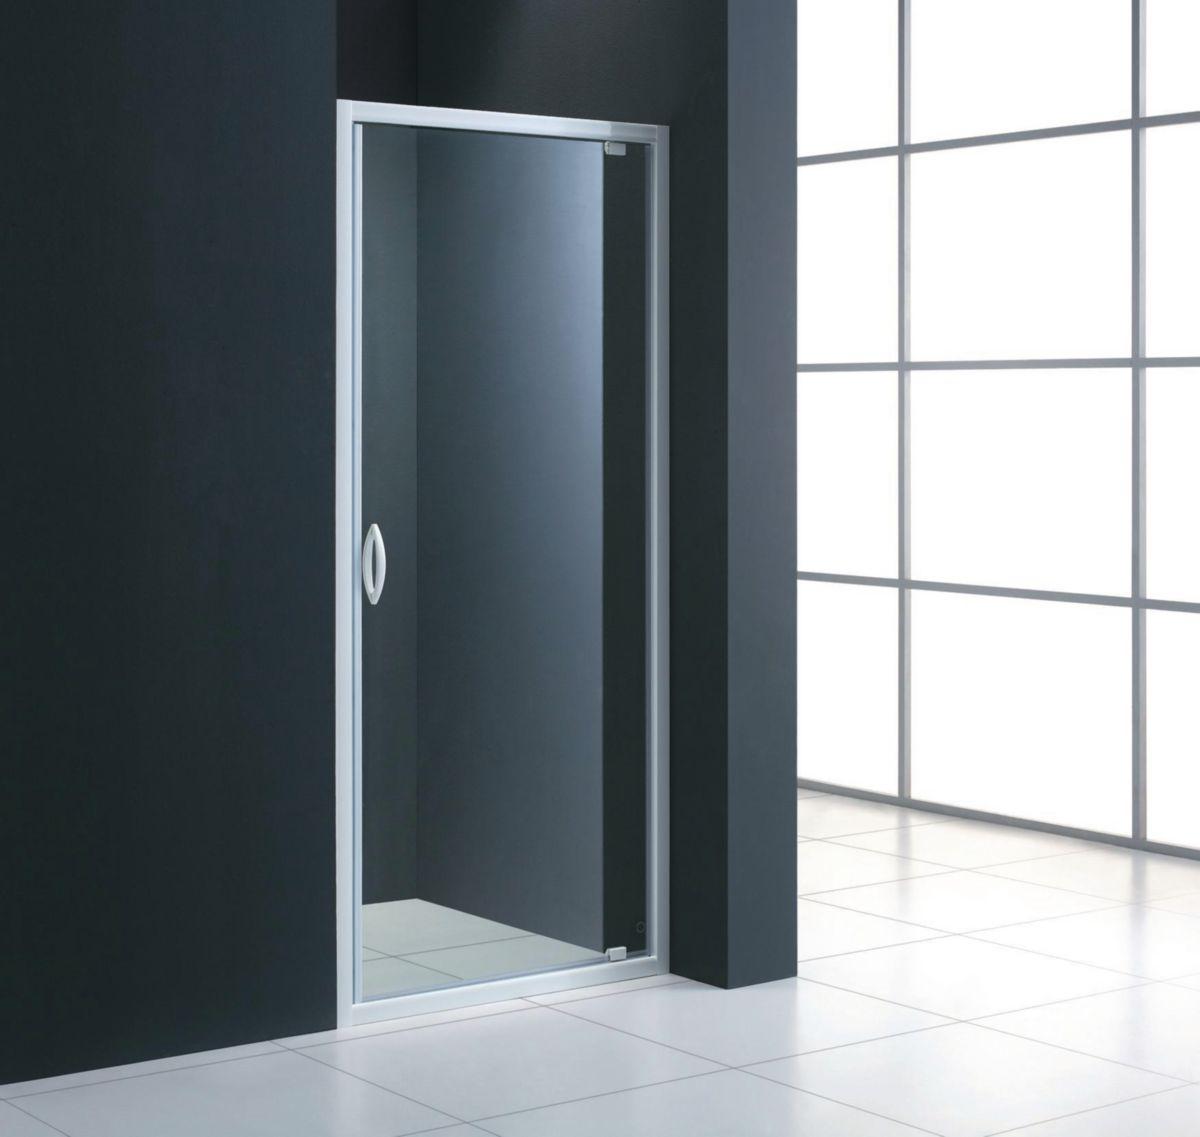 latest accs face mezzo porte pivotante extensible de cm verre transparent alterna sanitaire. Black Bedroom Furniture Sets. Home Design Ideas